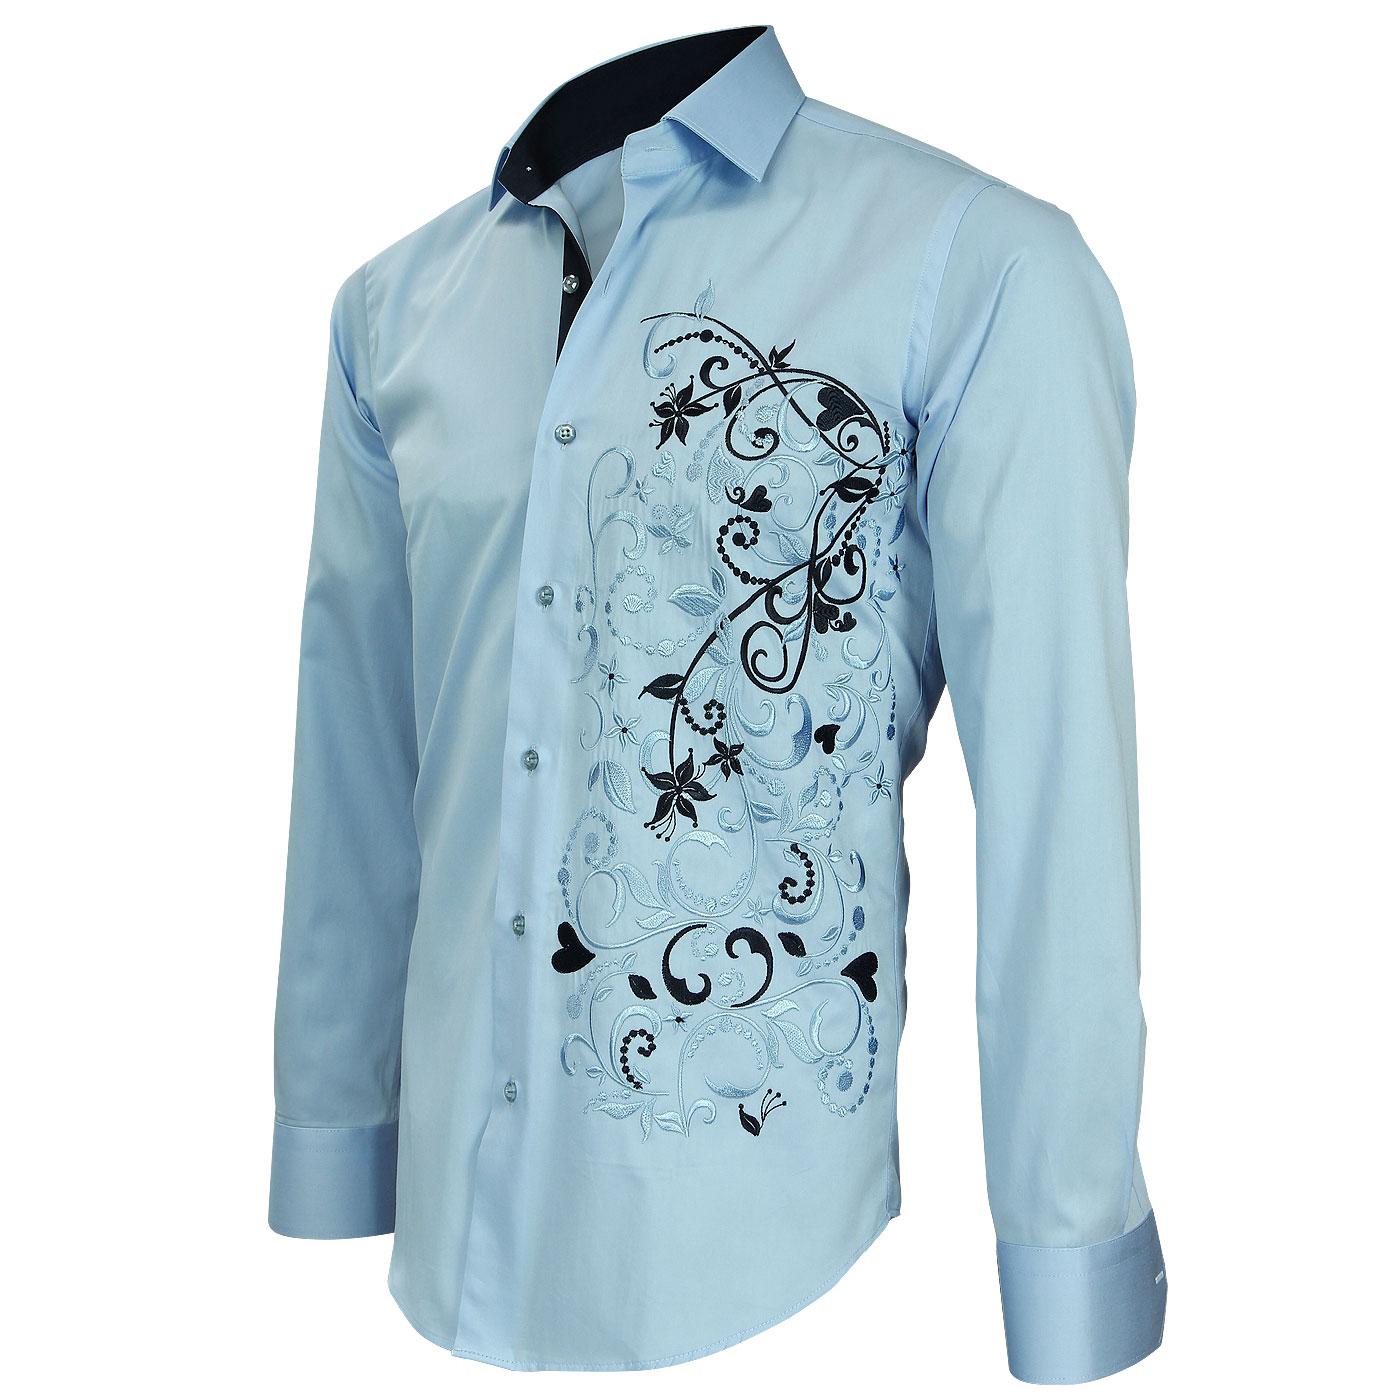 Chemise homme fashion cintr e 600 mod les sur chemiseweb - Chemise homme fashion coupe italienne cintree ...